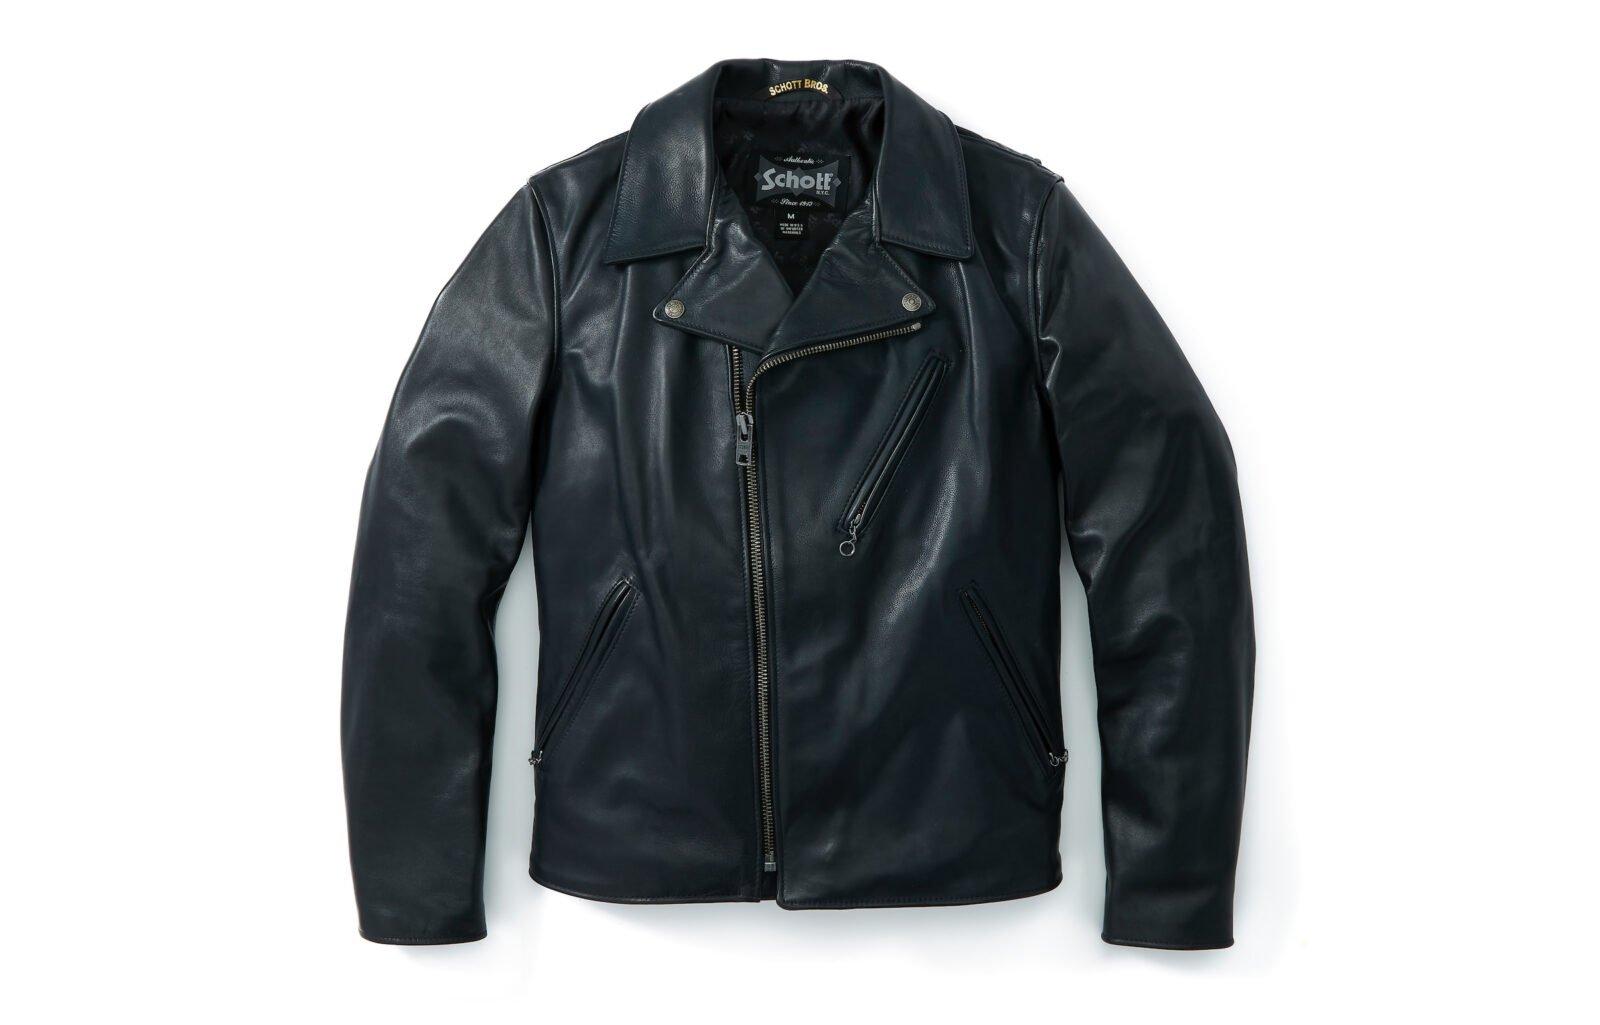 Schott Light Weight Cowhide Motorcycle Jacket